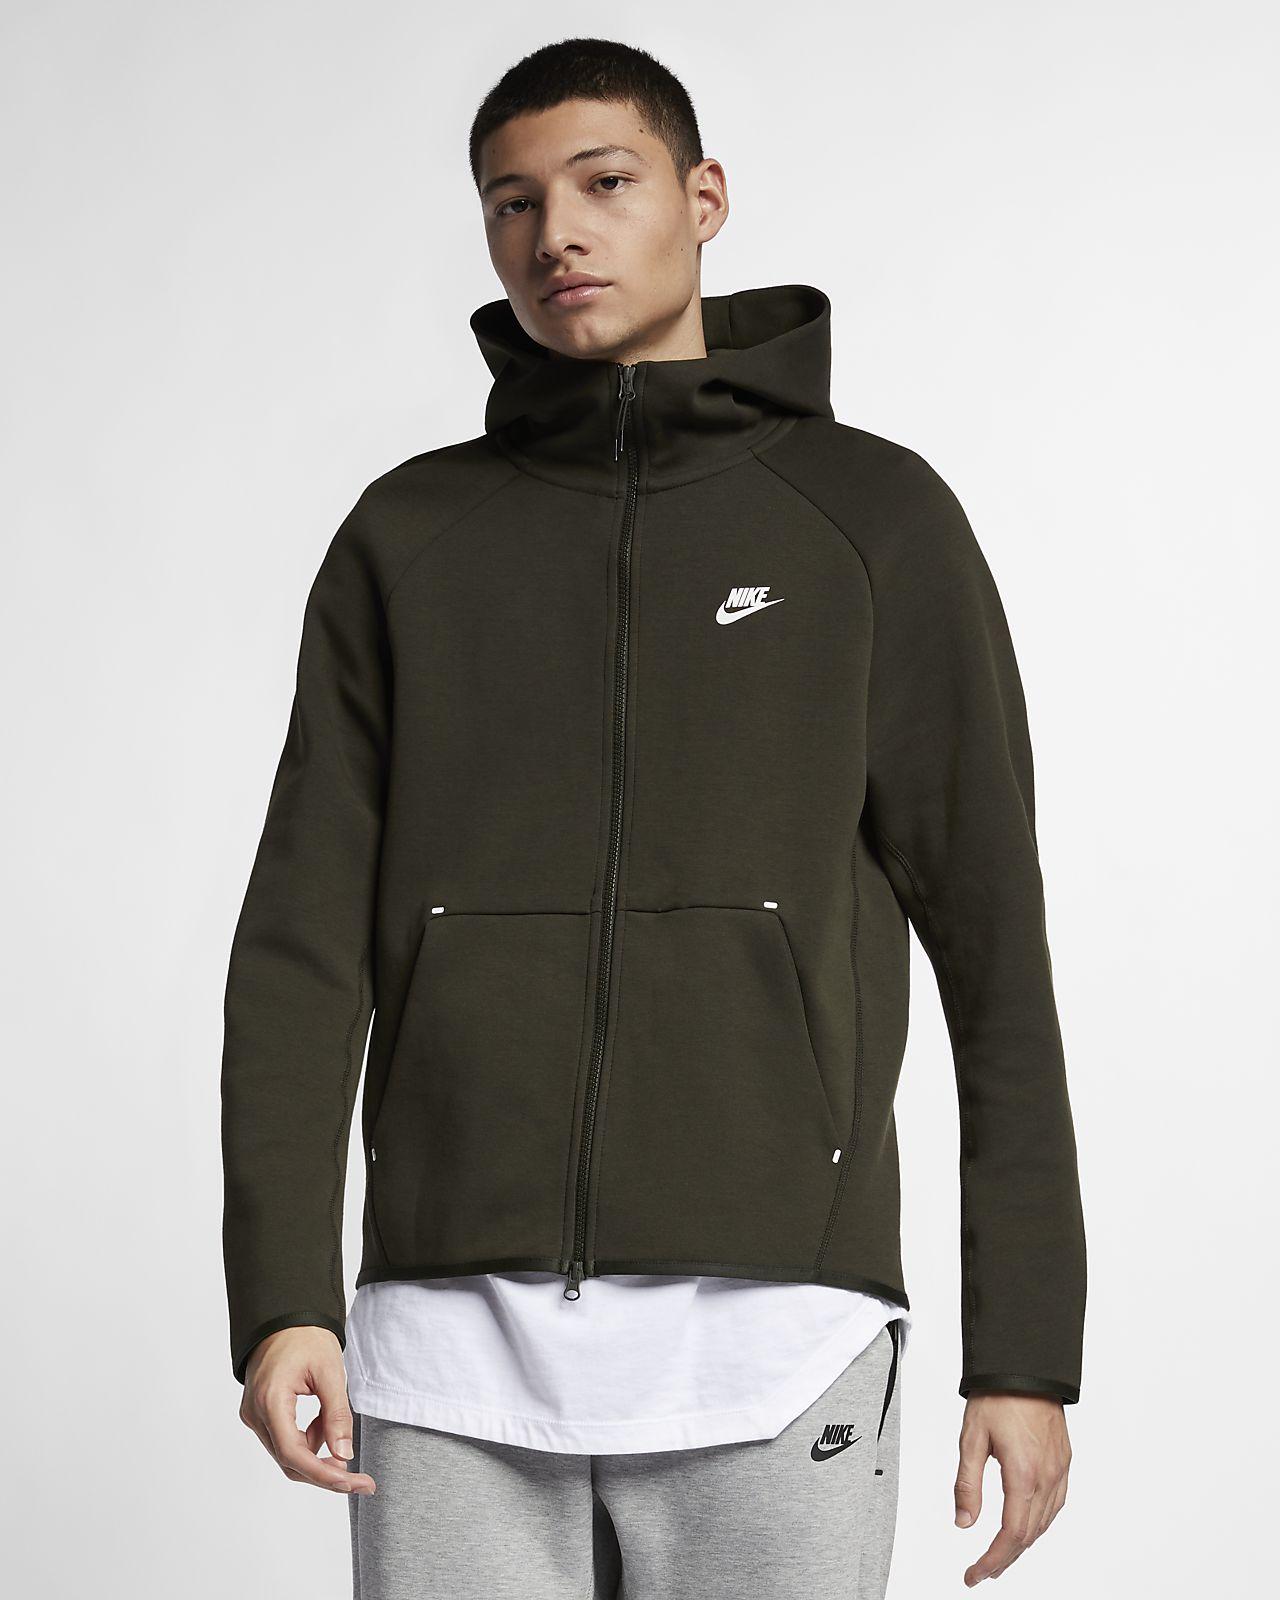 0e47fe96b5aa Nike Sportswear Tech Fleece Men s Full-Zip Hoodie. Nike.com CH